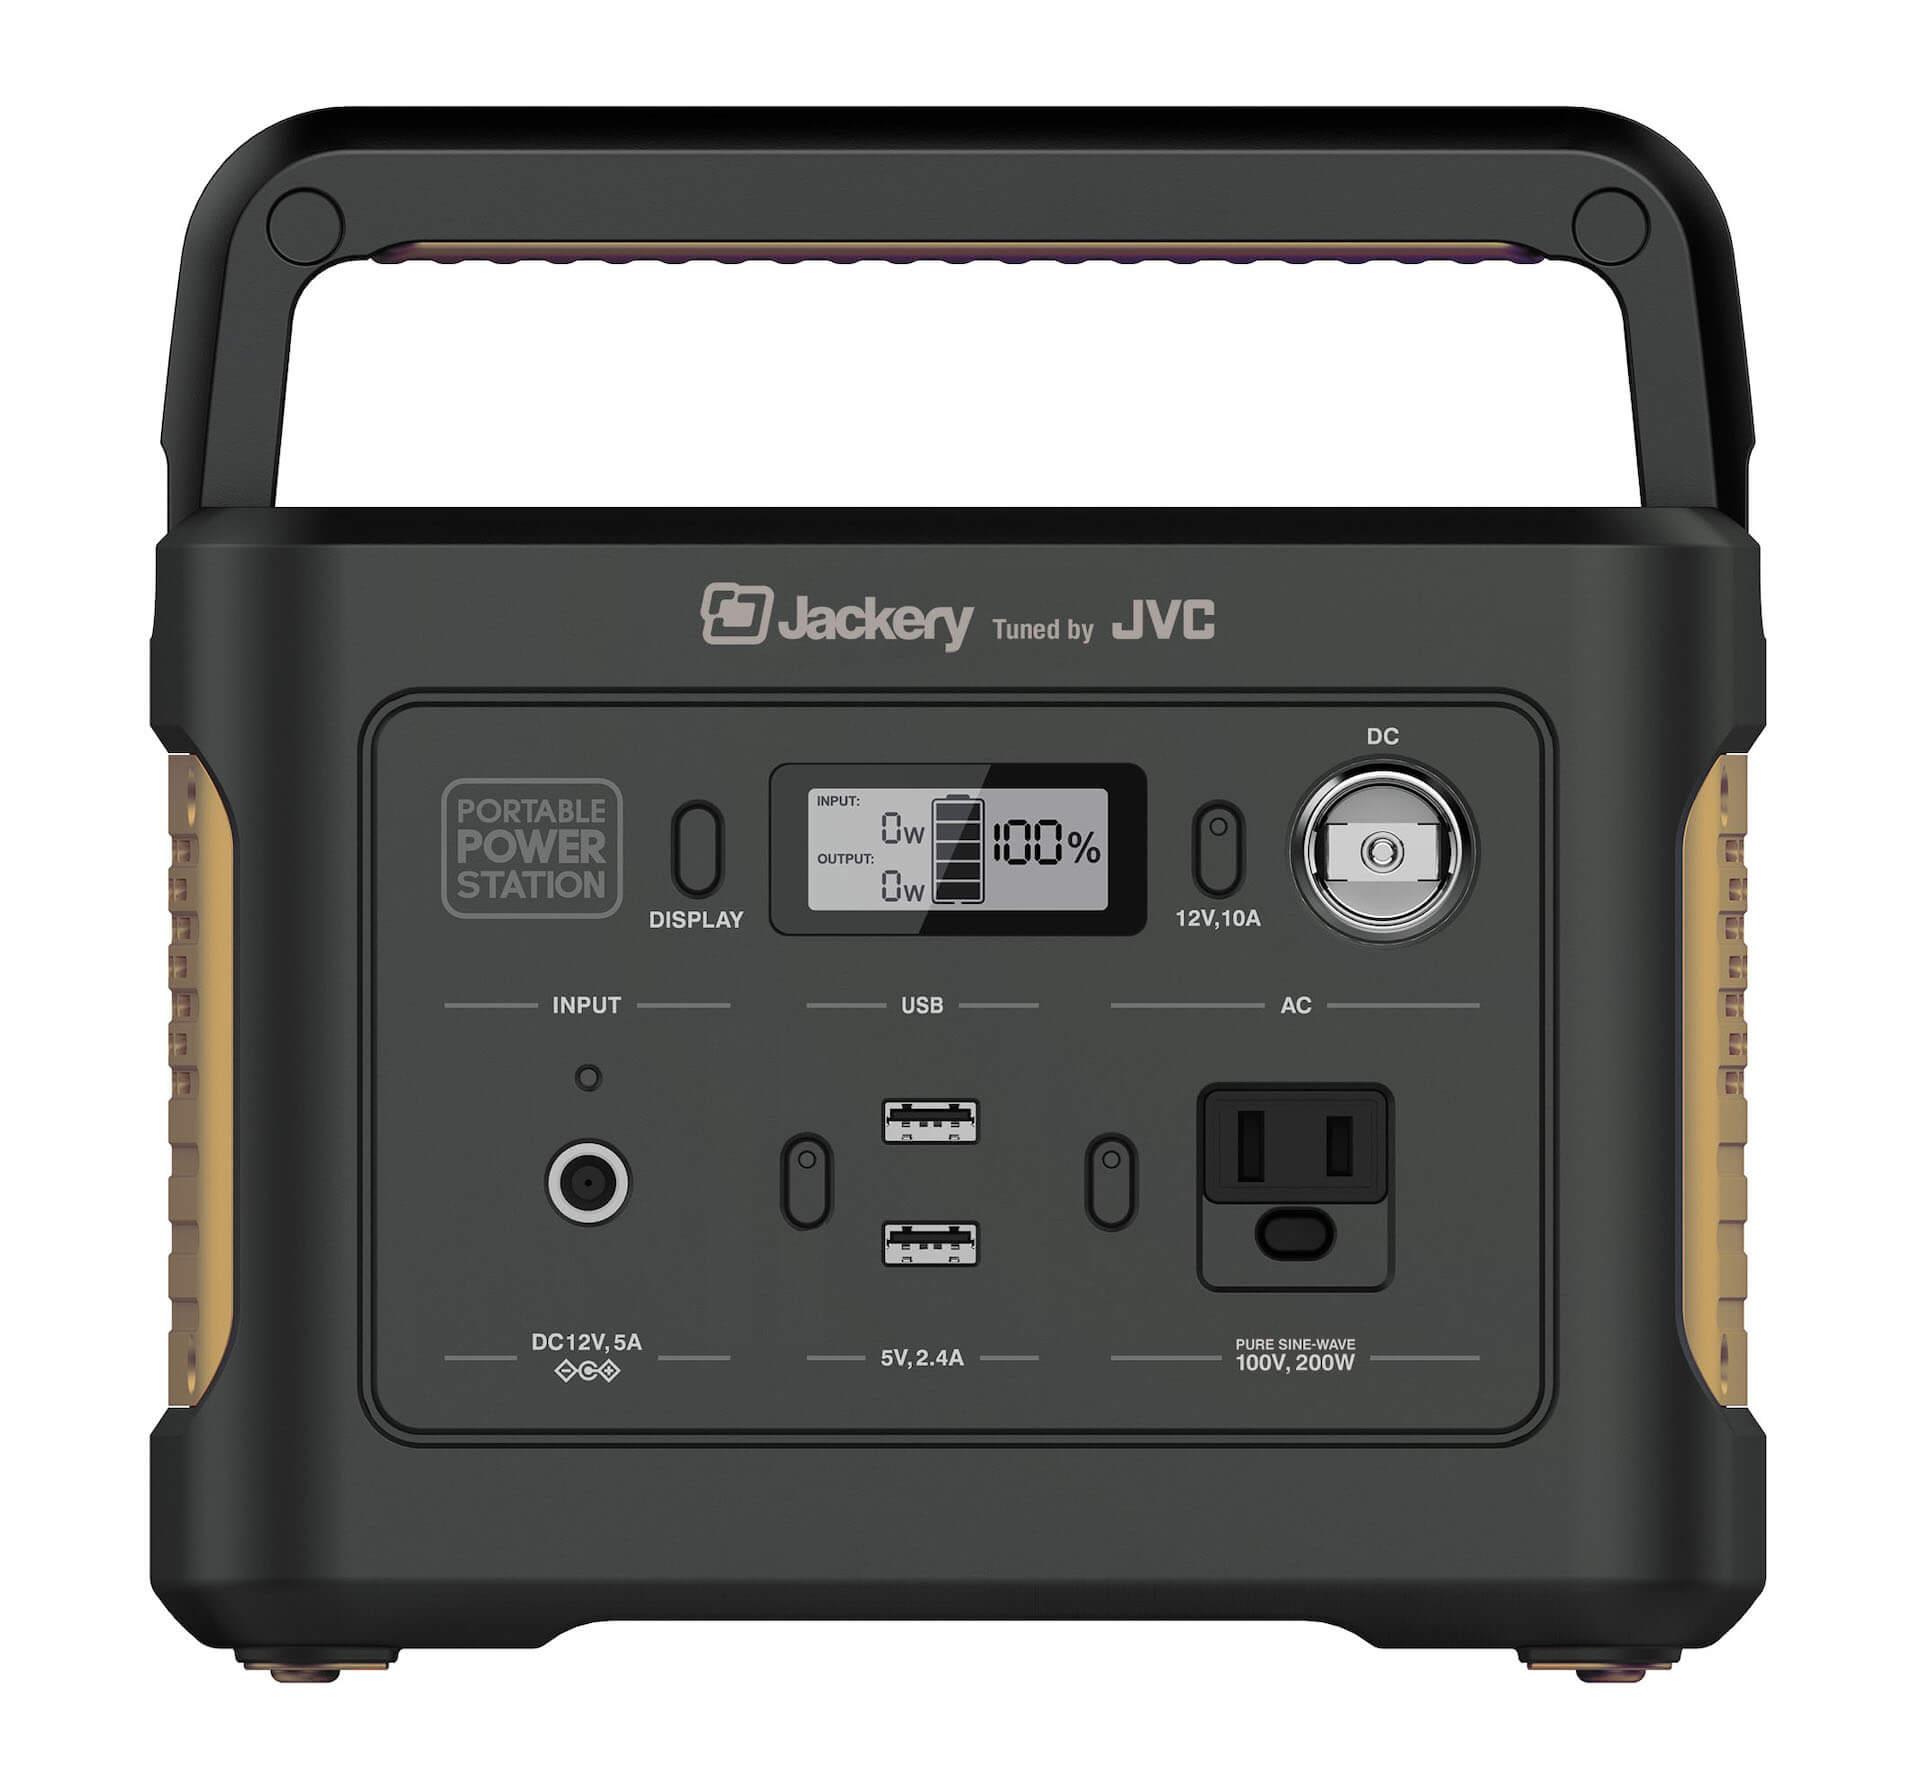 アウトドアや災害時の電源確保に大活躍|最大約44時間使用可能なポータブル電源3モデルが登場 sub1-4